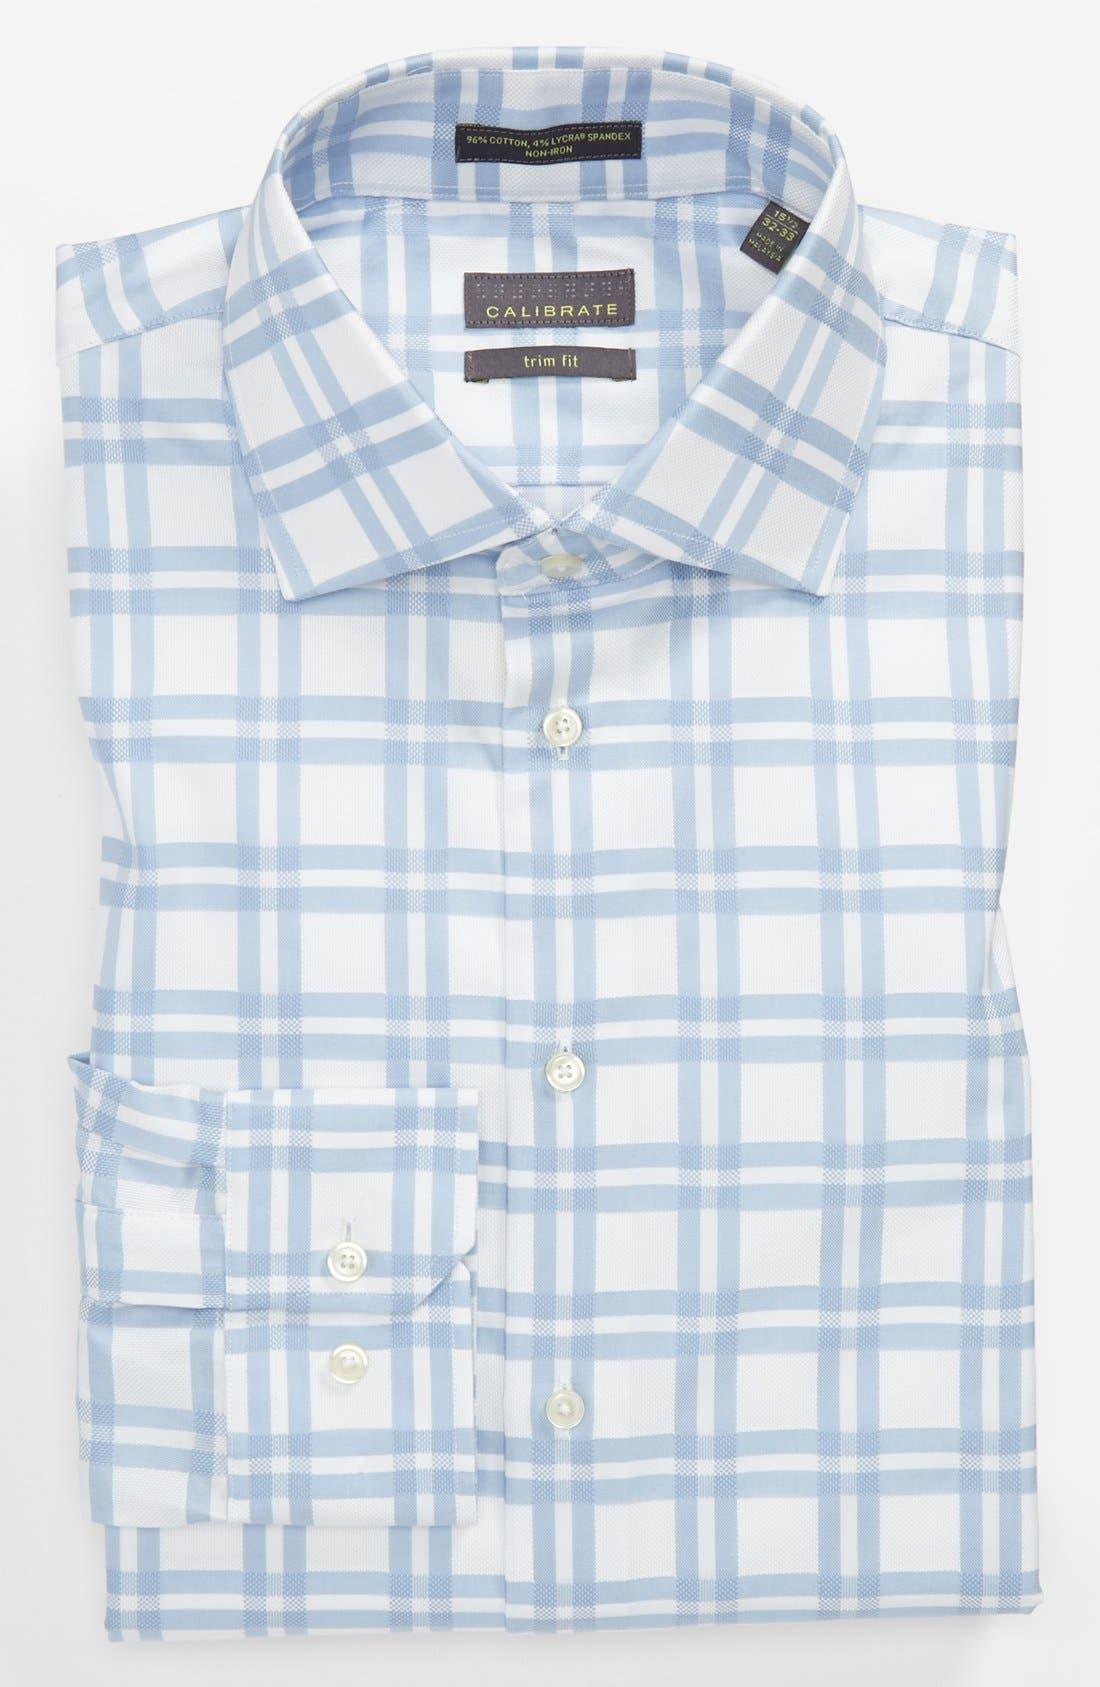 Alternate Image 1 Selected - Calibrate Trim Fit Dress Shirt